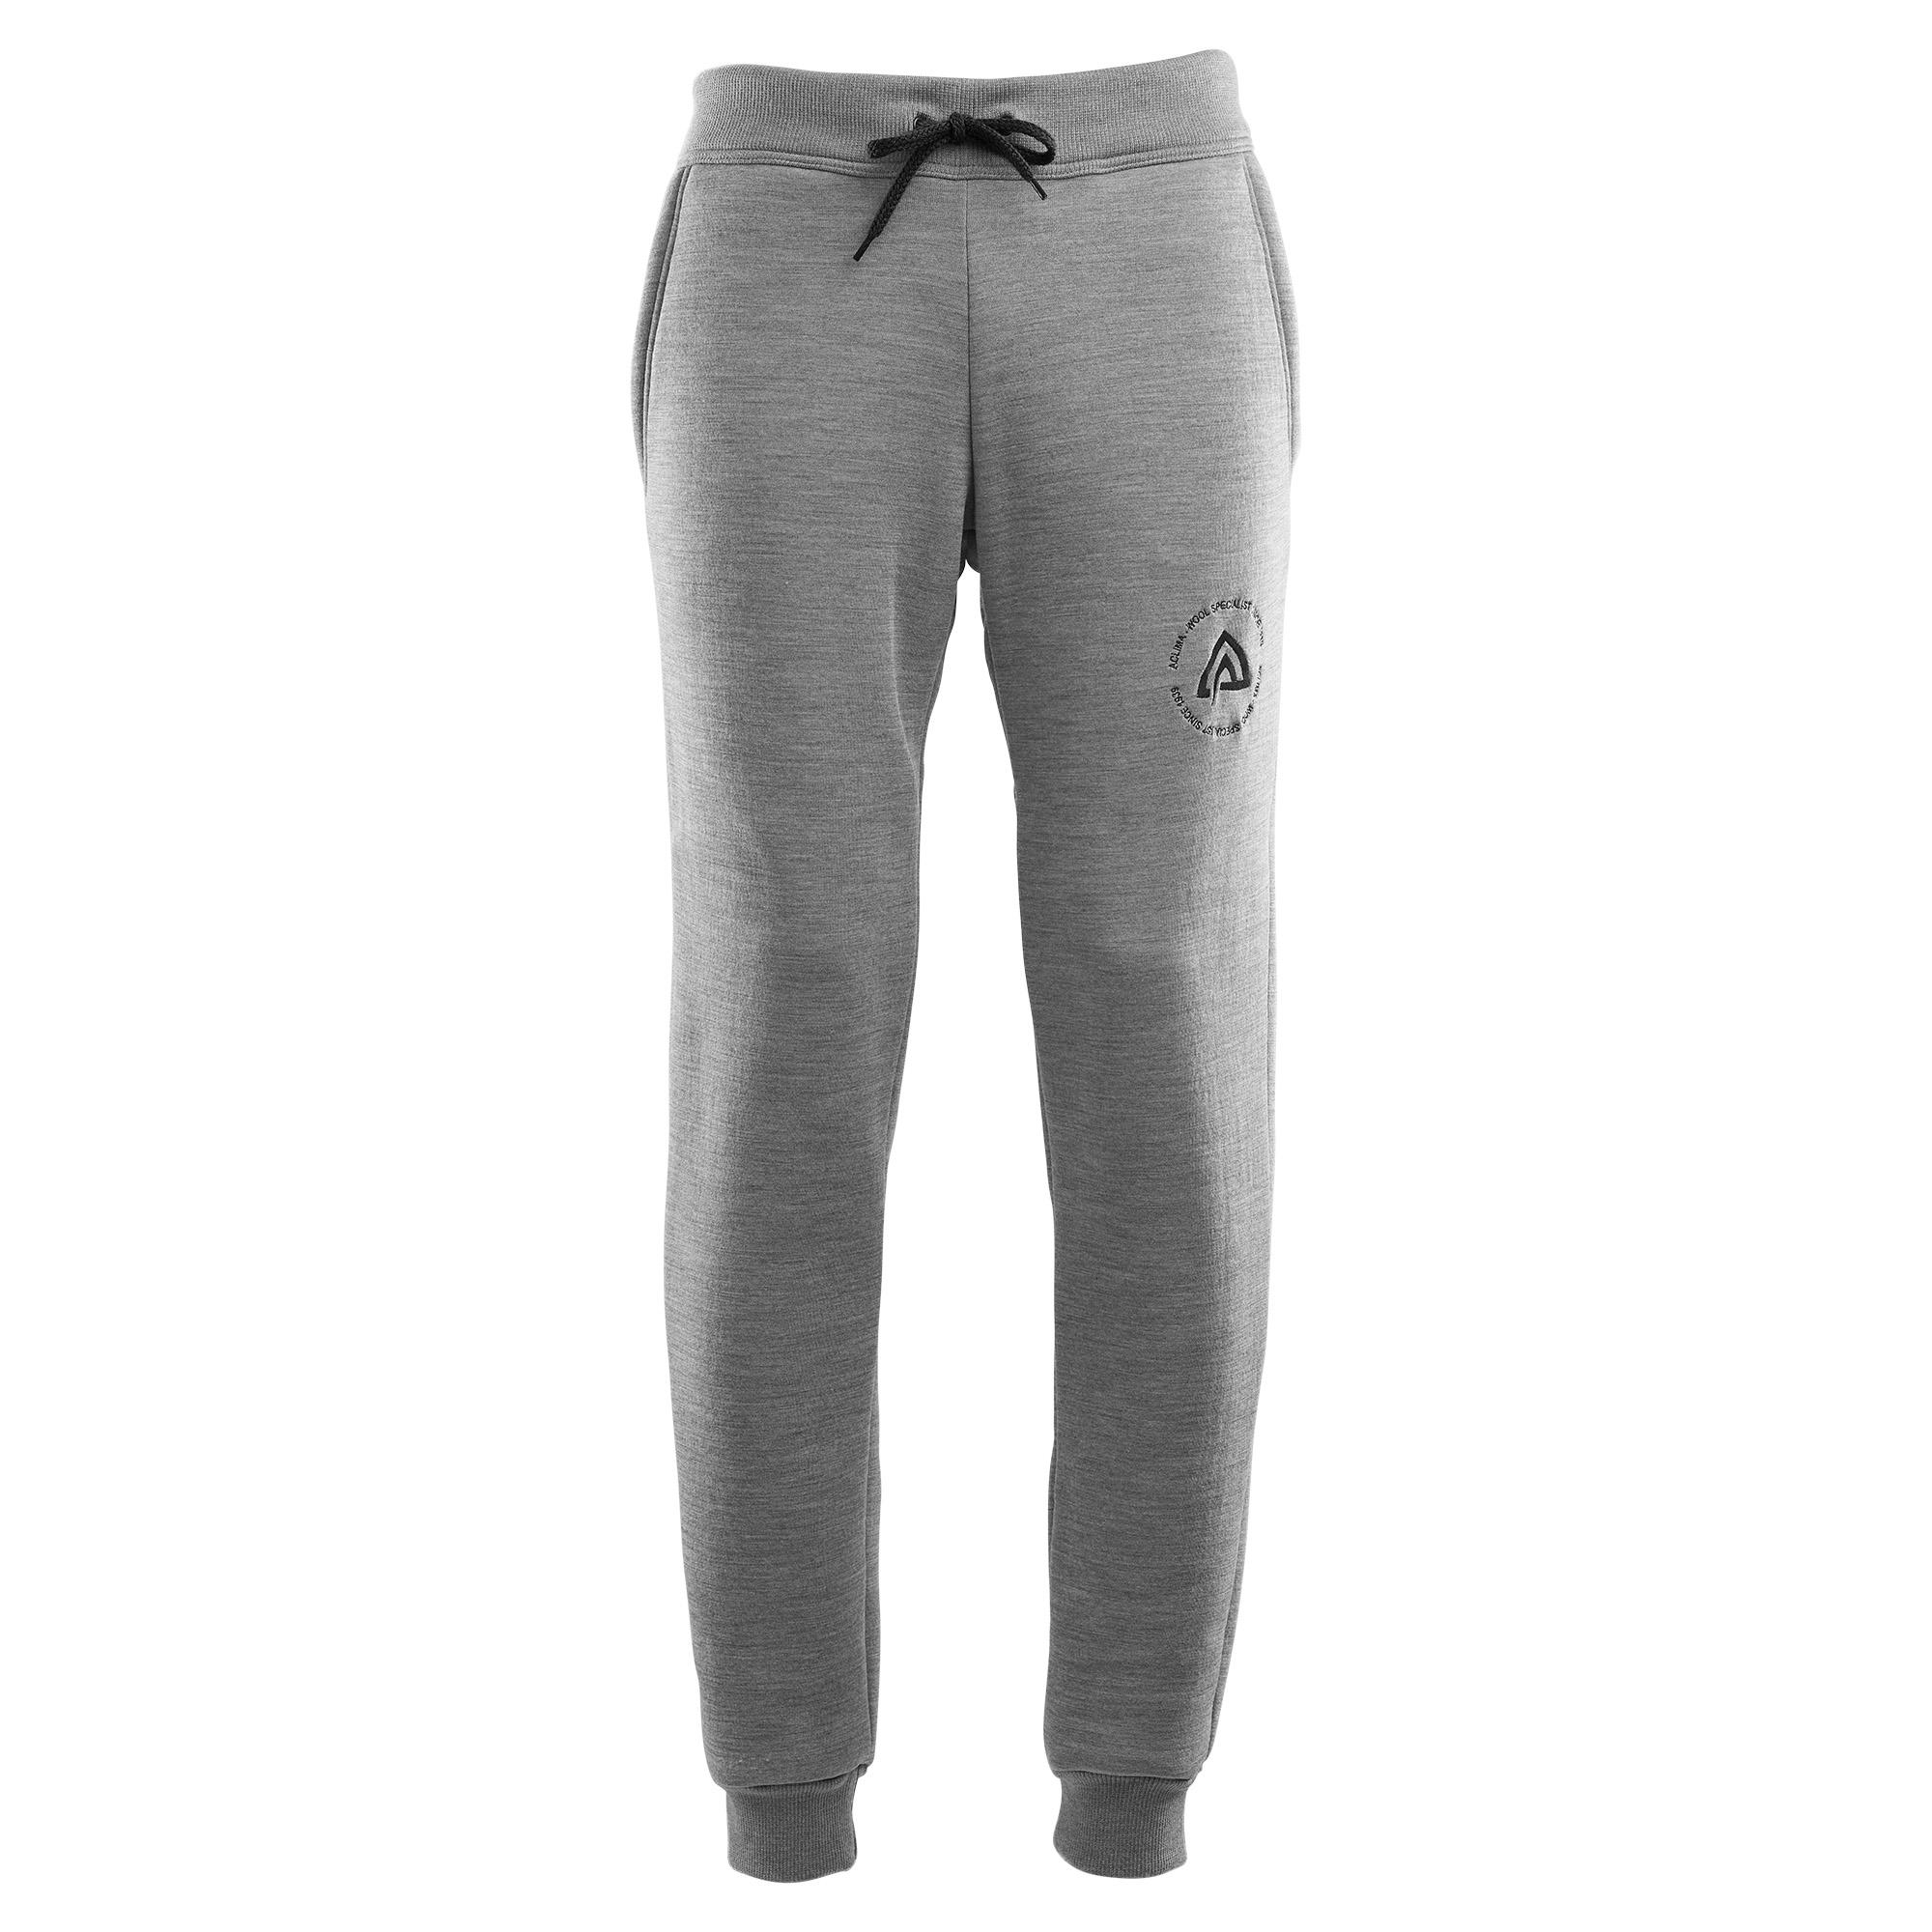 Aclima Fleece Wool Pants